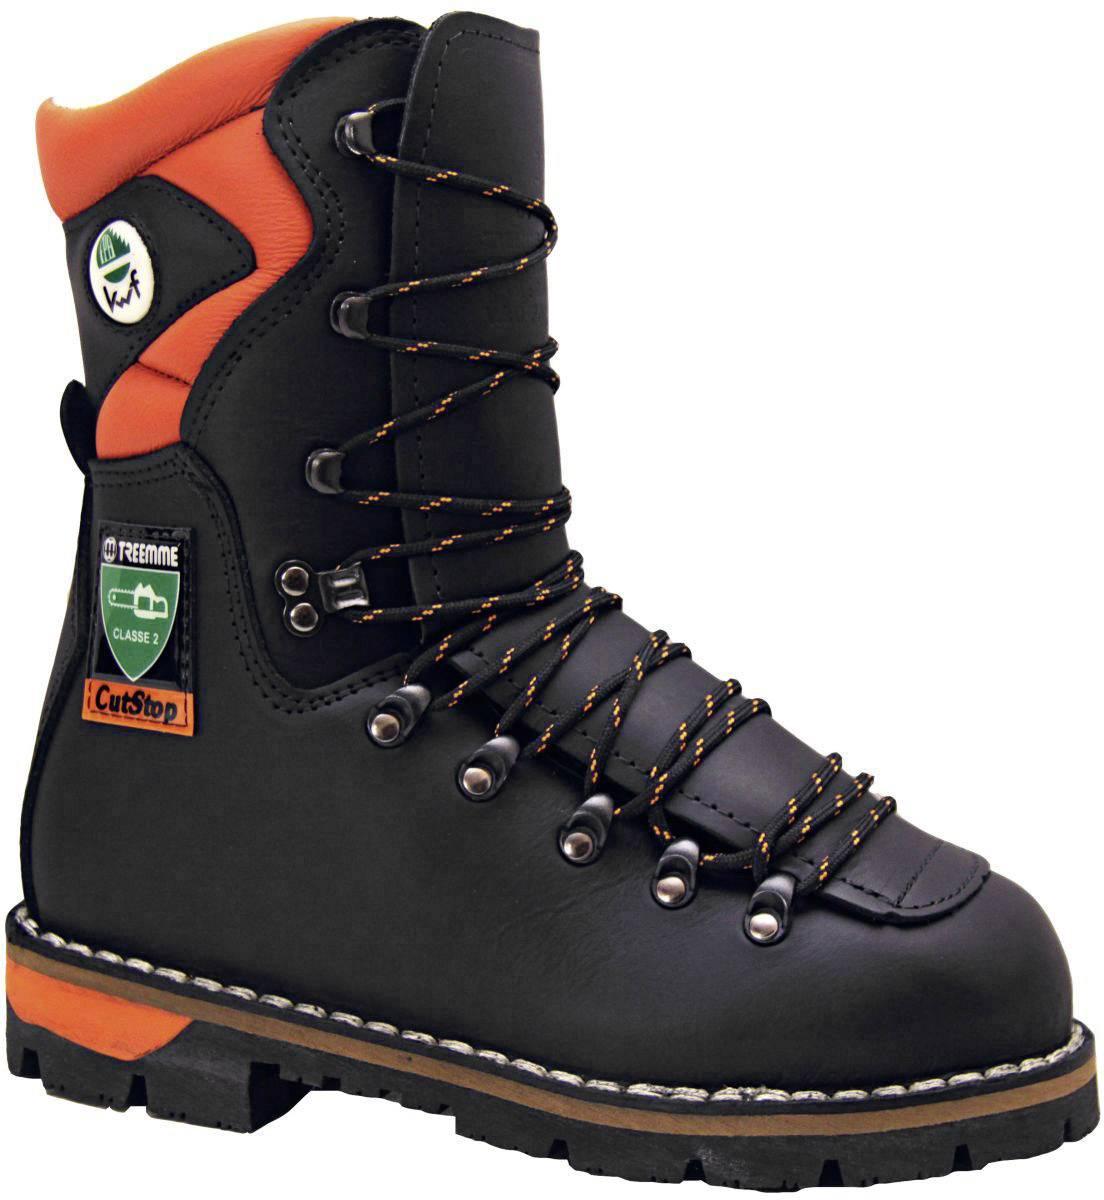 Bezpečnostná obuv s ochranou proti porezaniu S3 Treemme 2435, veľ.: 46, čierna, 1 pár